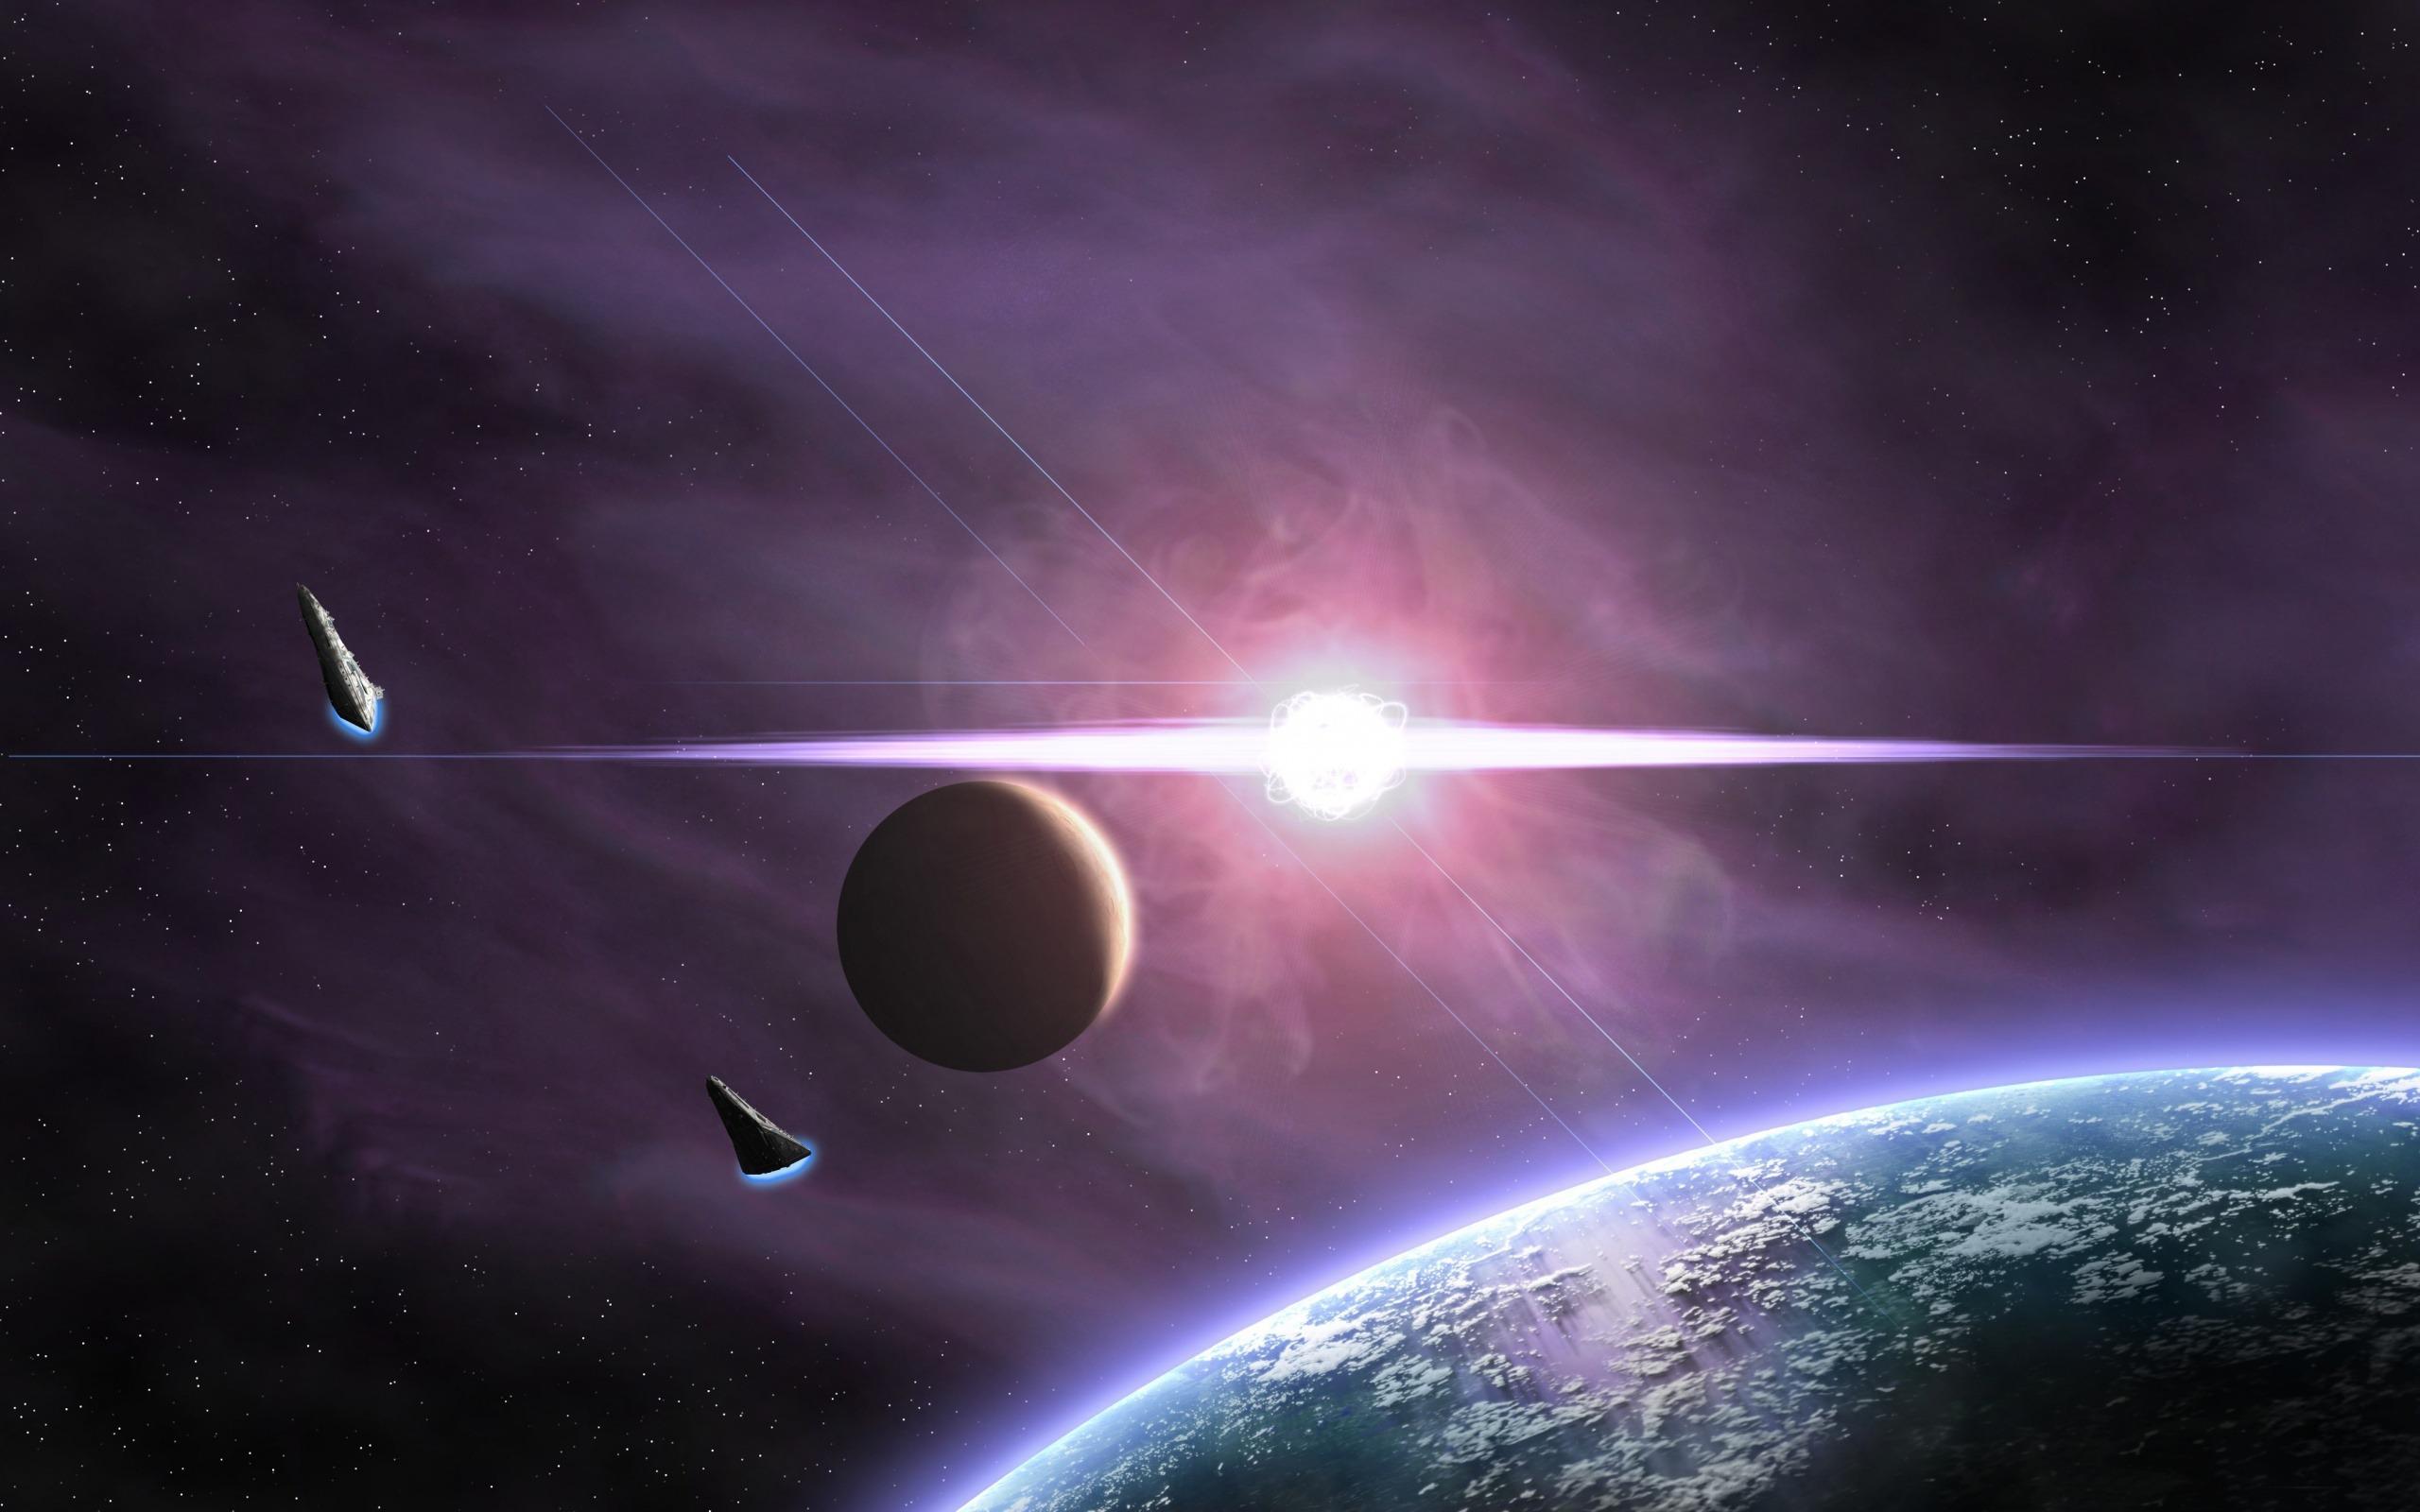 宇宙船スペースプラネット 宇宙のhdの壁紙プレビュー 10wallpaper Com